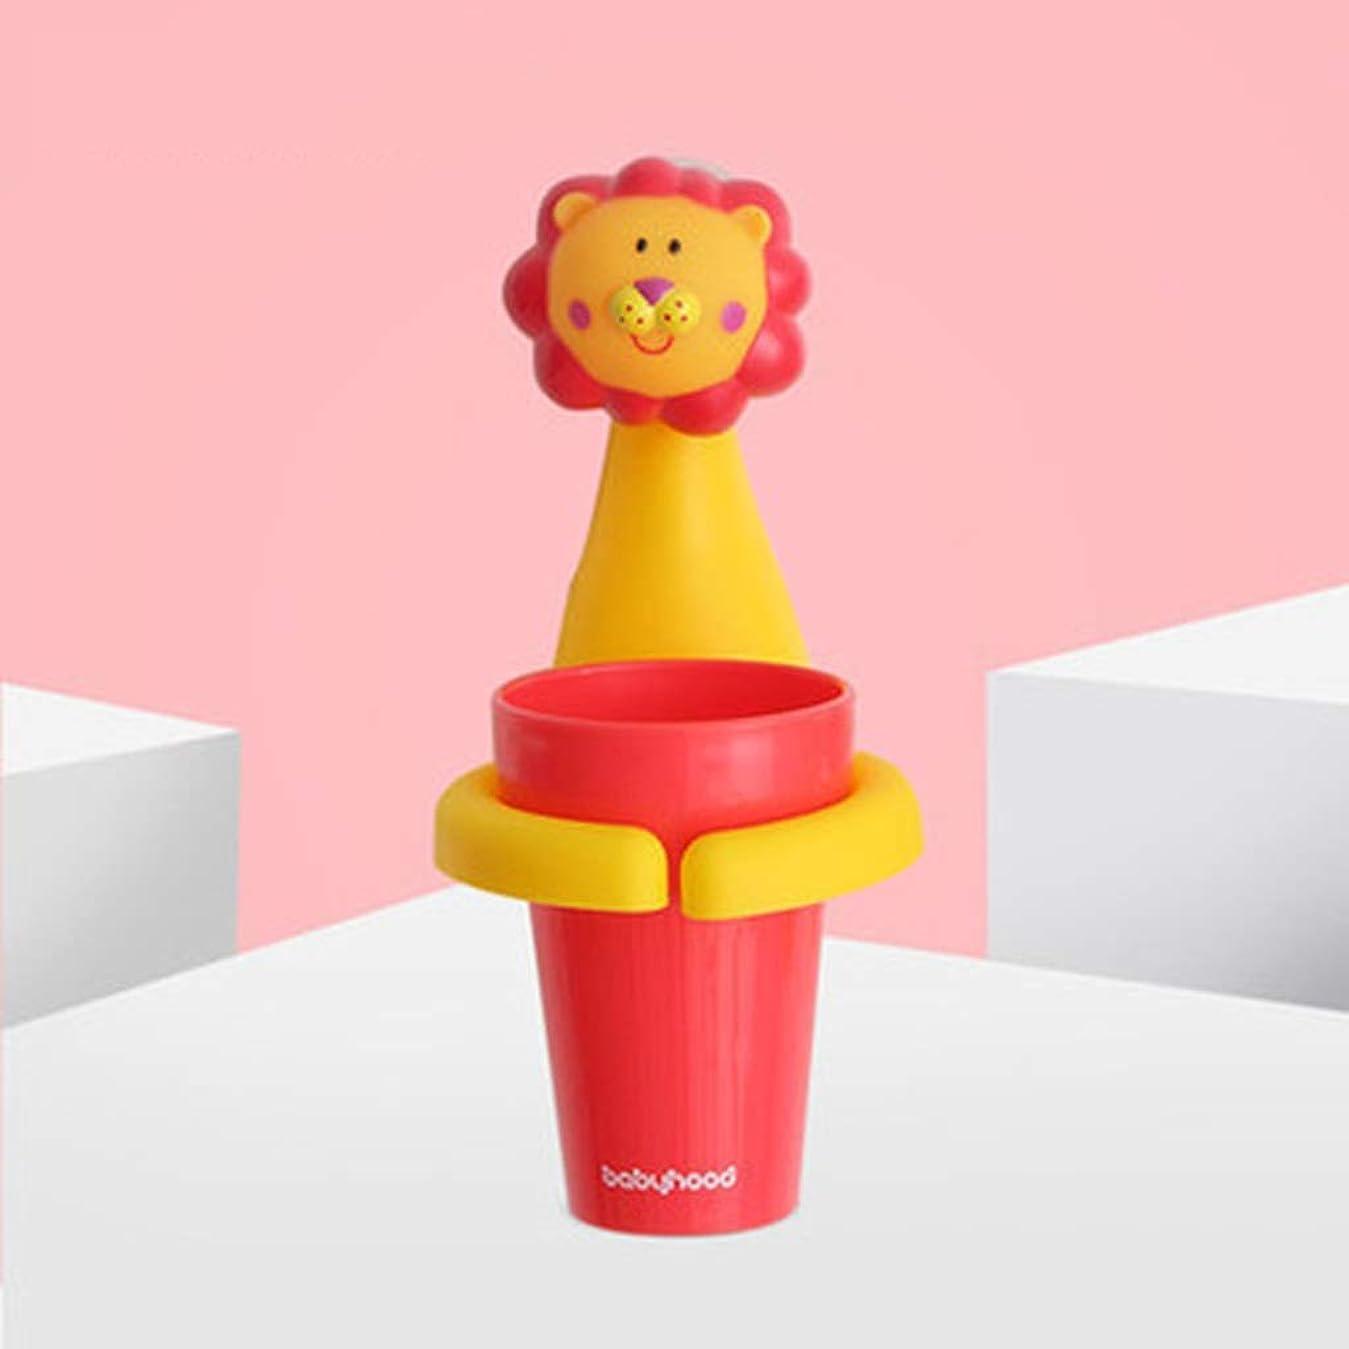 白鳥予測お嬢SGLI 子供の漫画の動物の歯ブラシカップホルダー、プラスチックのかわいい歯ブラシストレージツール (Color : A)